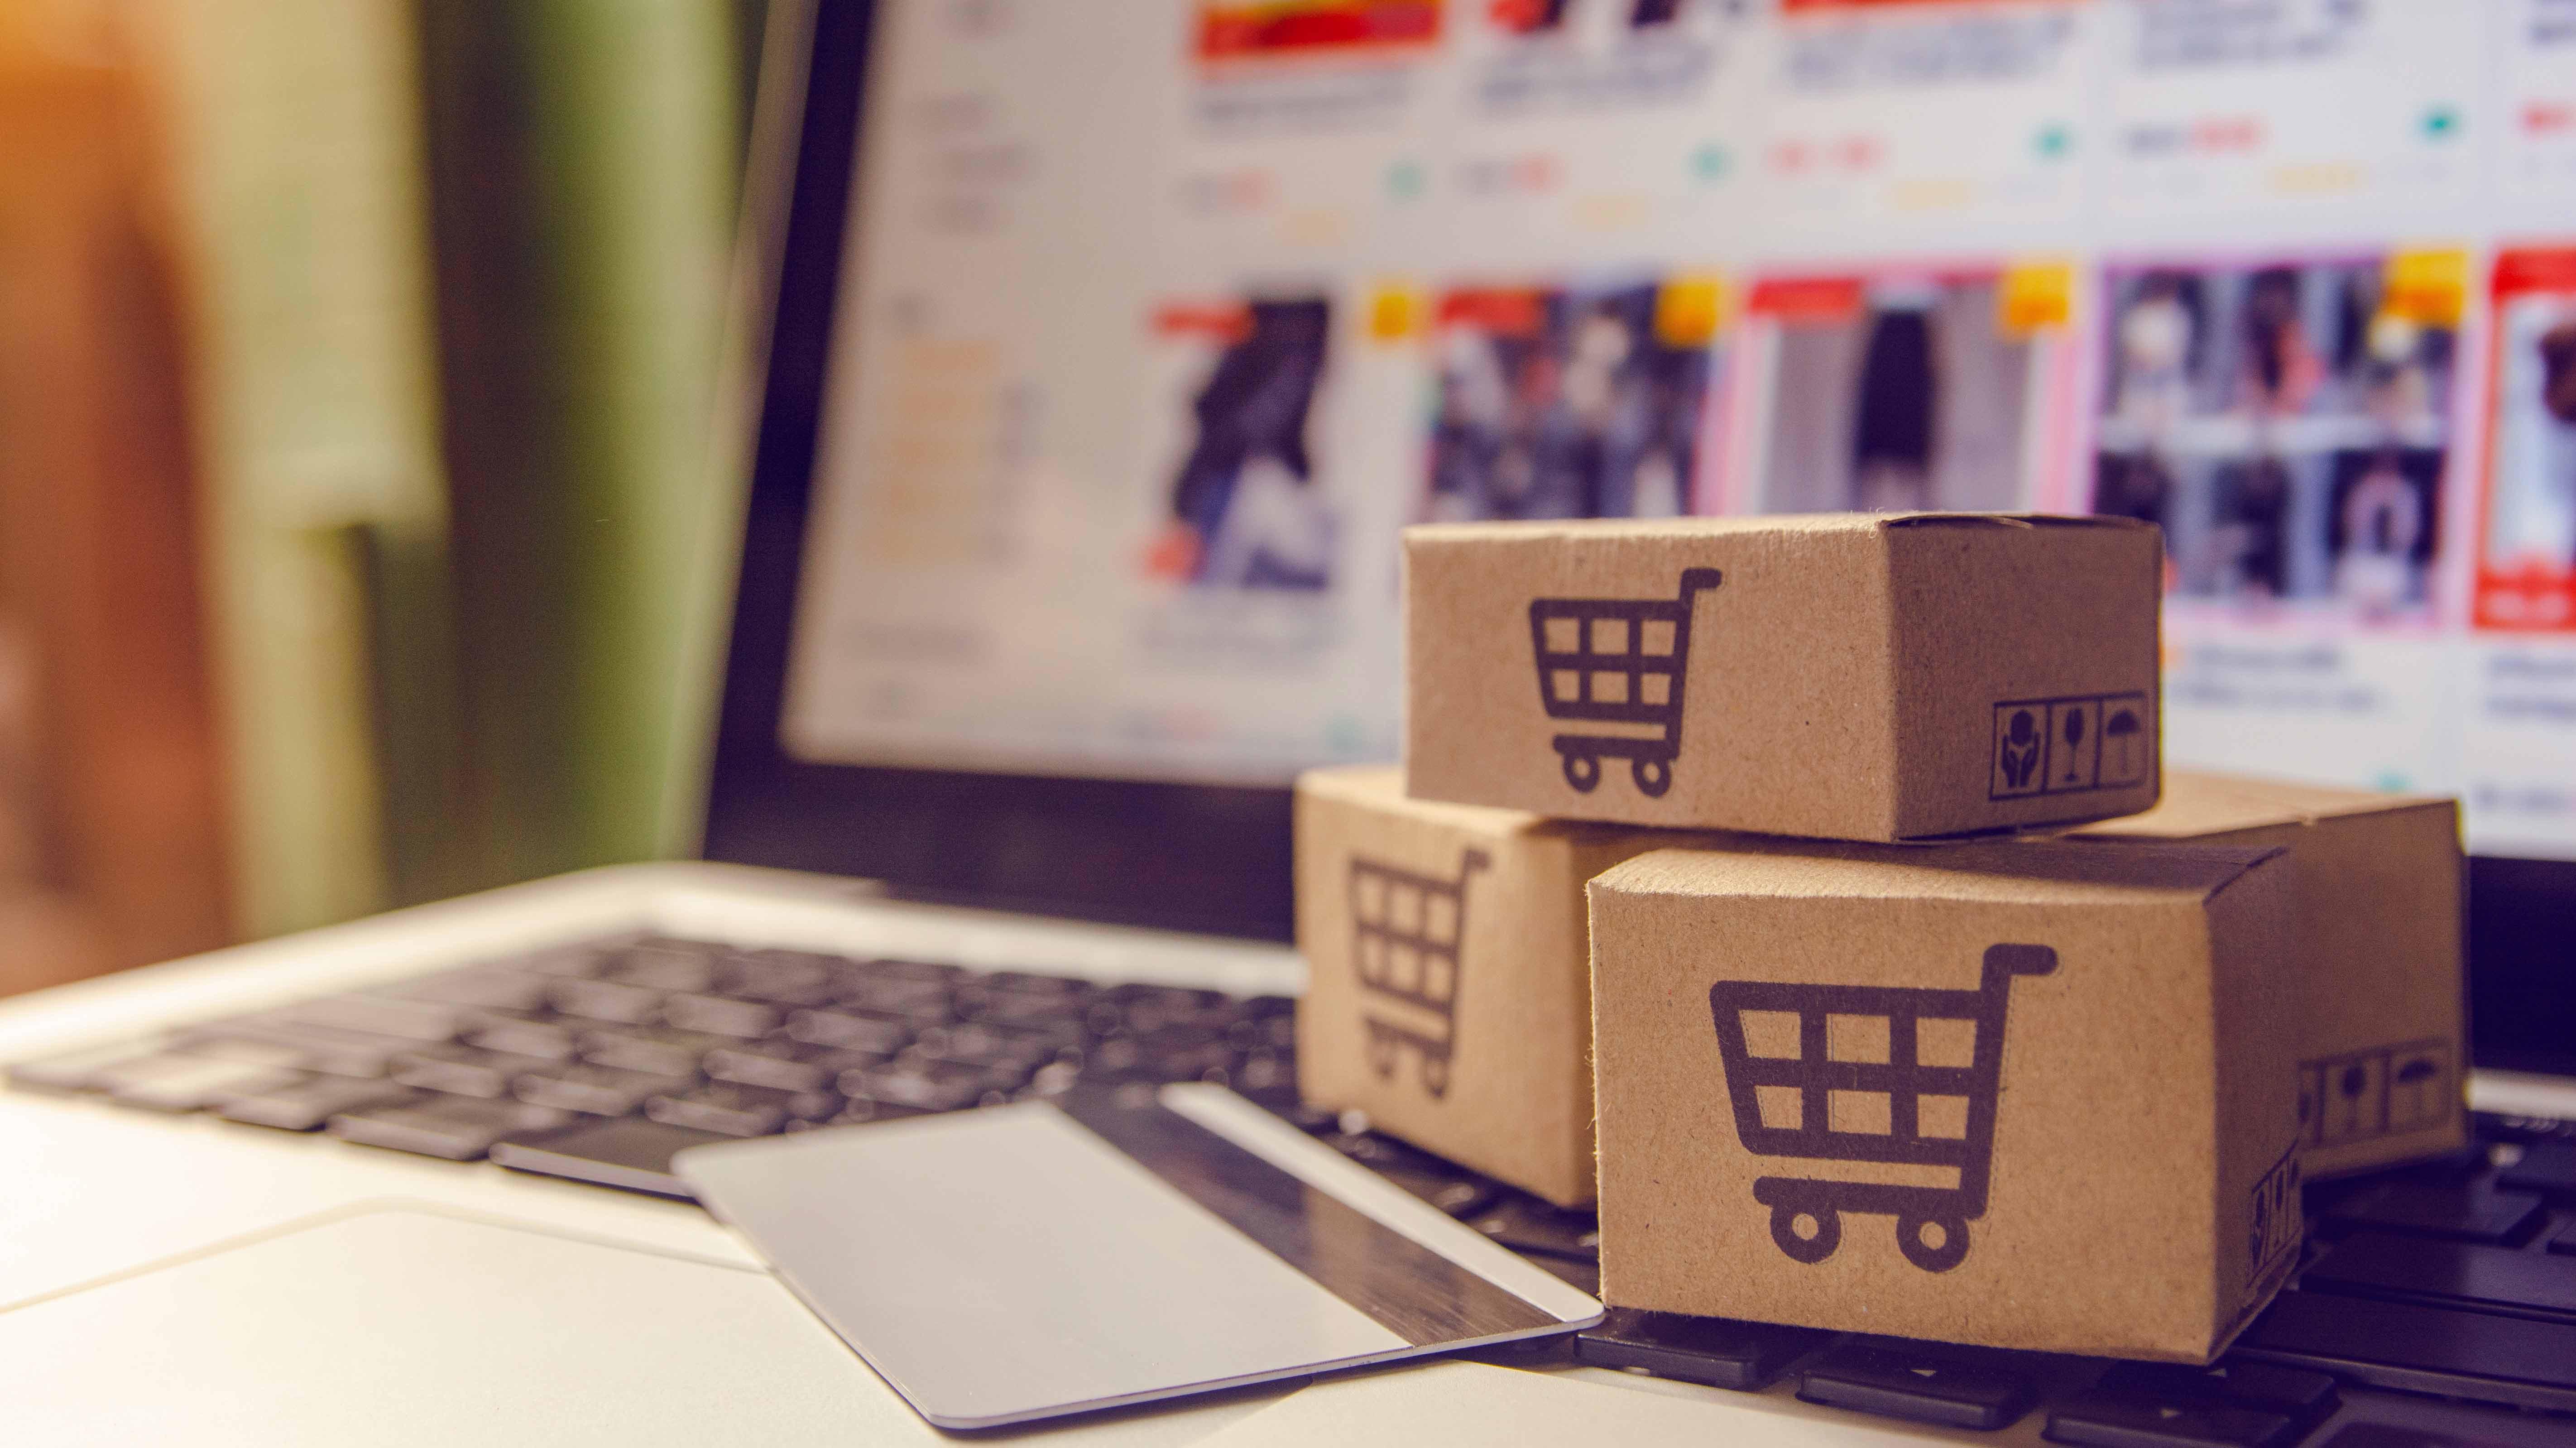 Comercio electrónico: Covid 19 obliga a las empresas a reforzar sus canales de venta directa